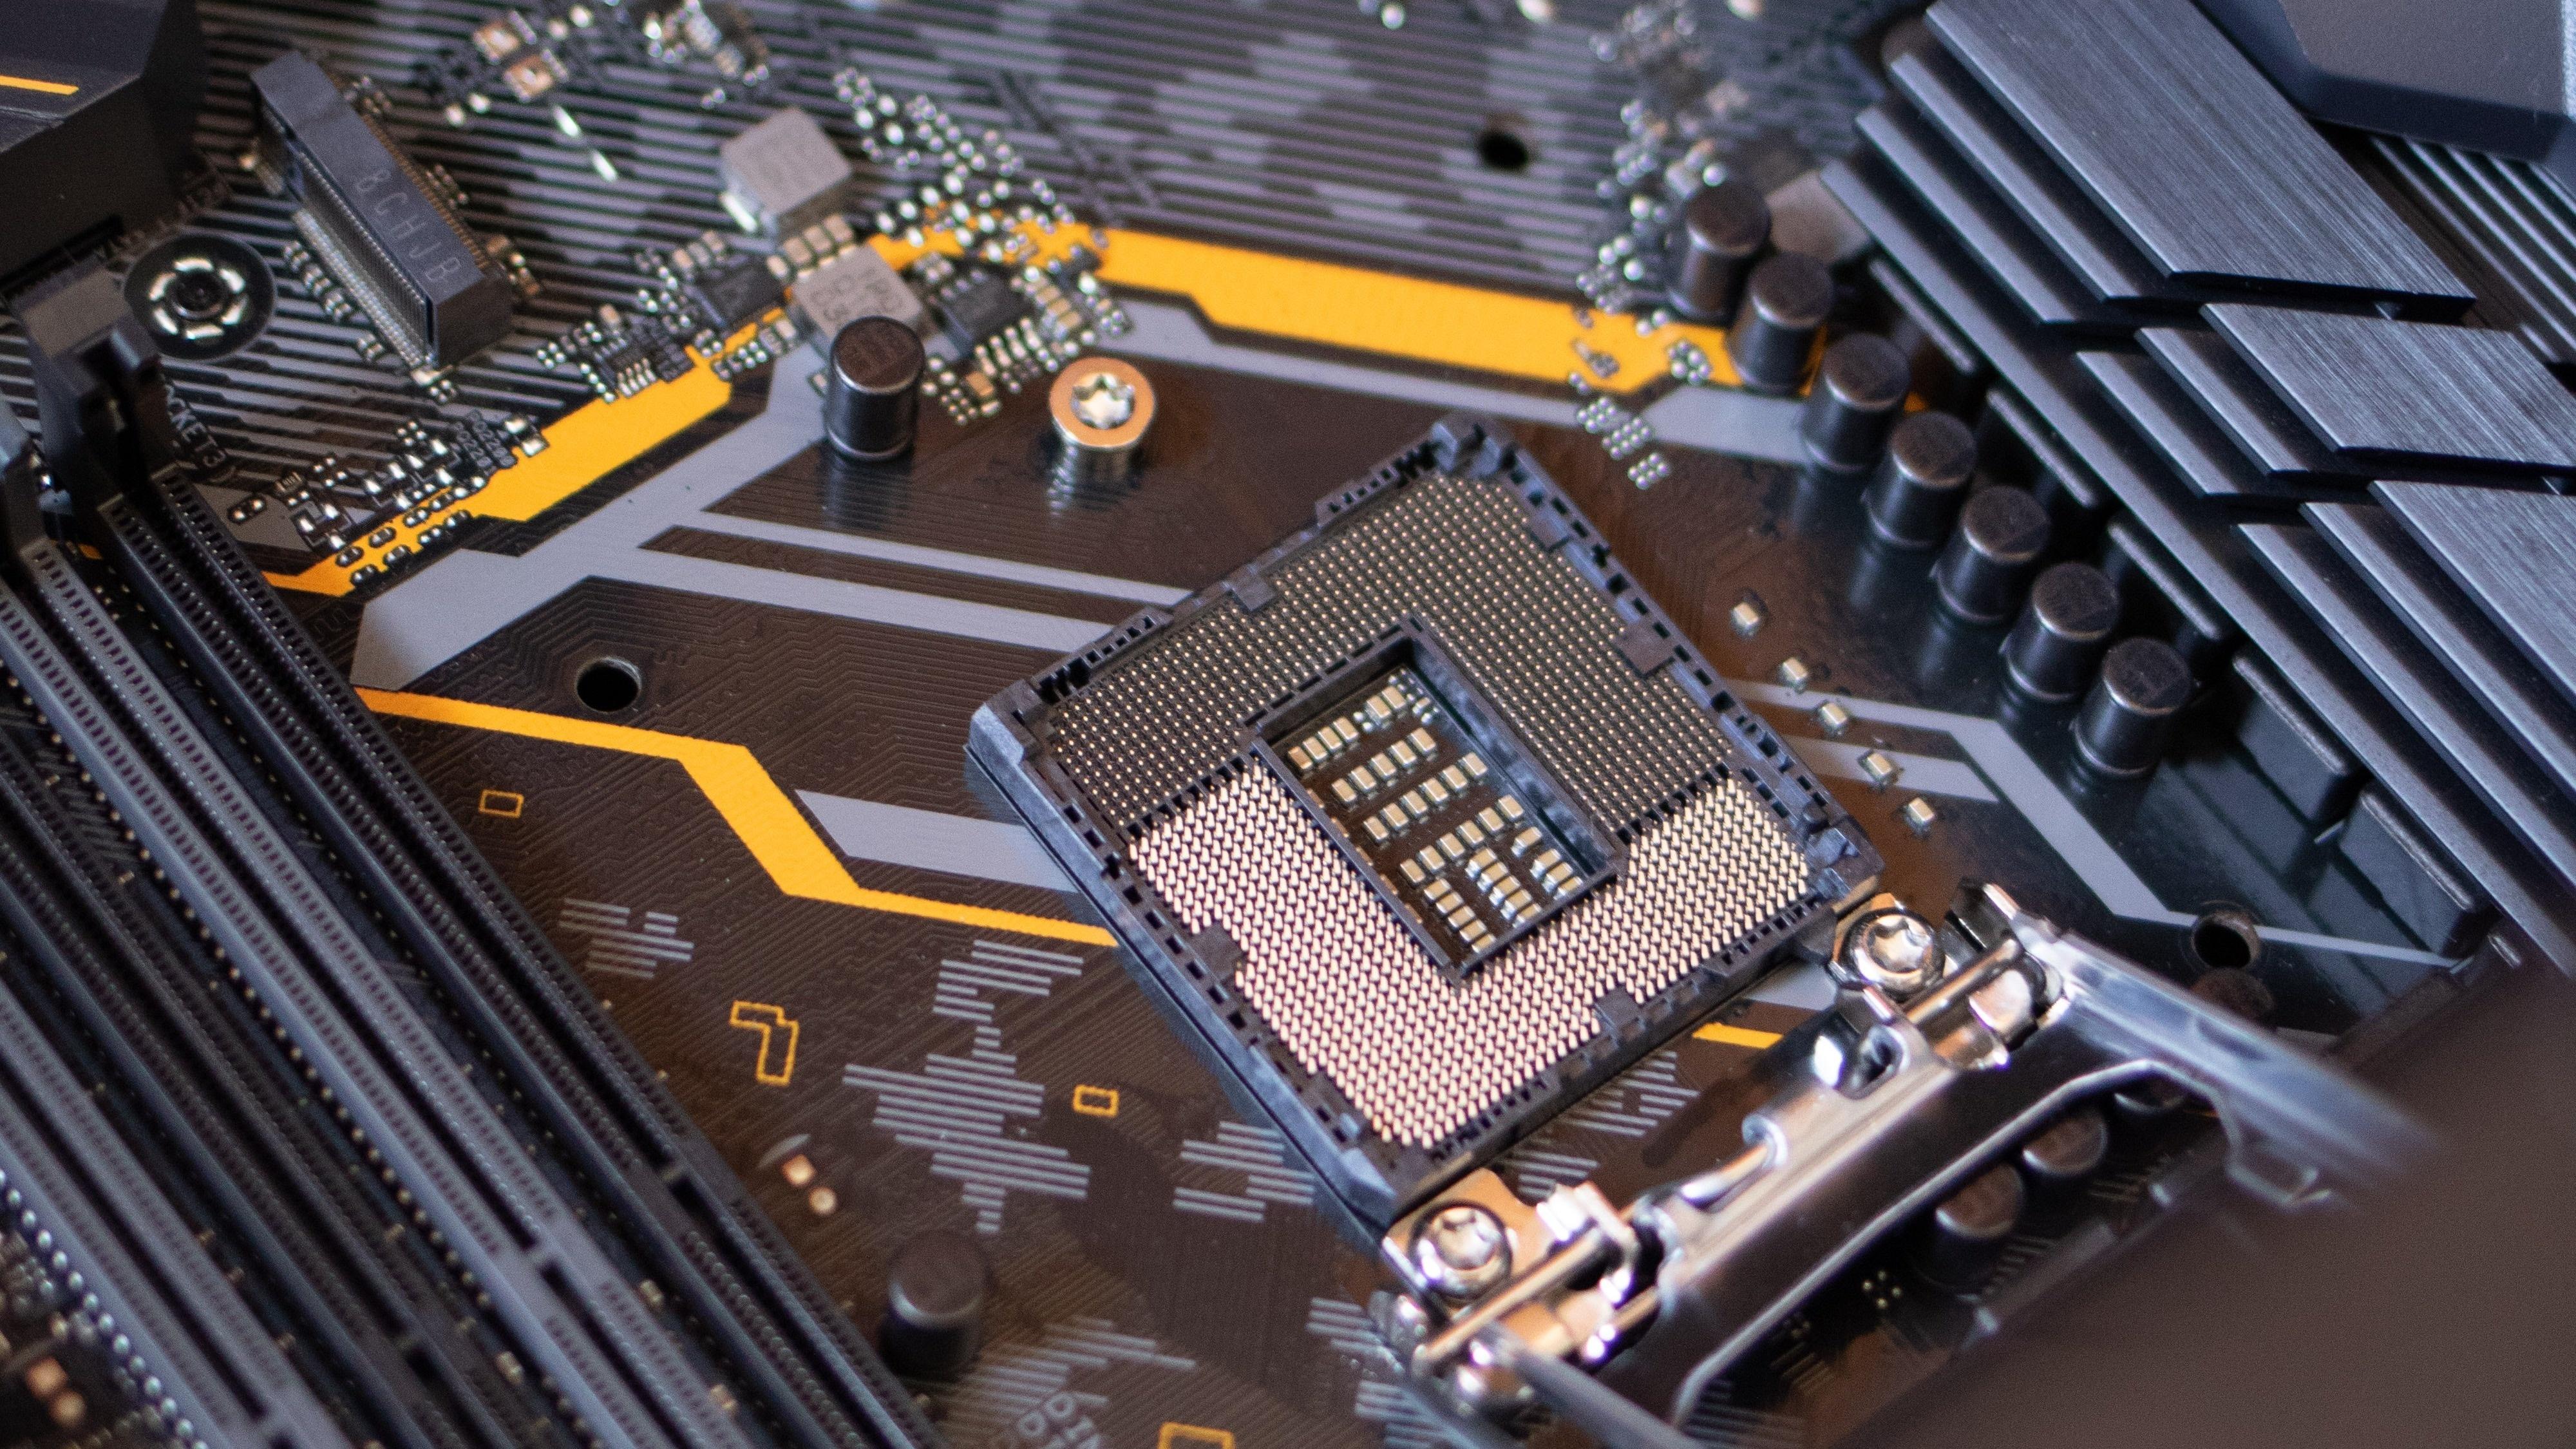 3. Enterprise Linux - alap rendszermenedzsment